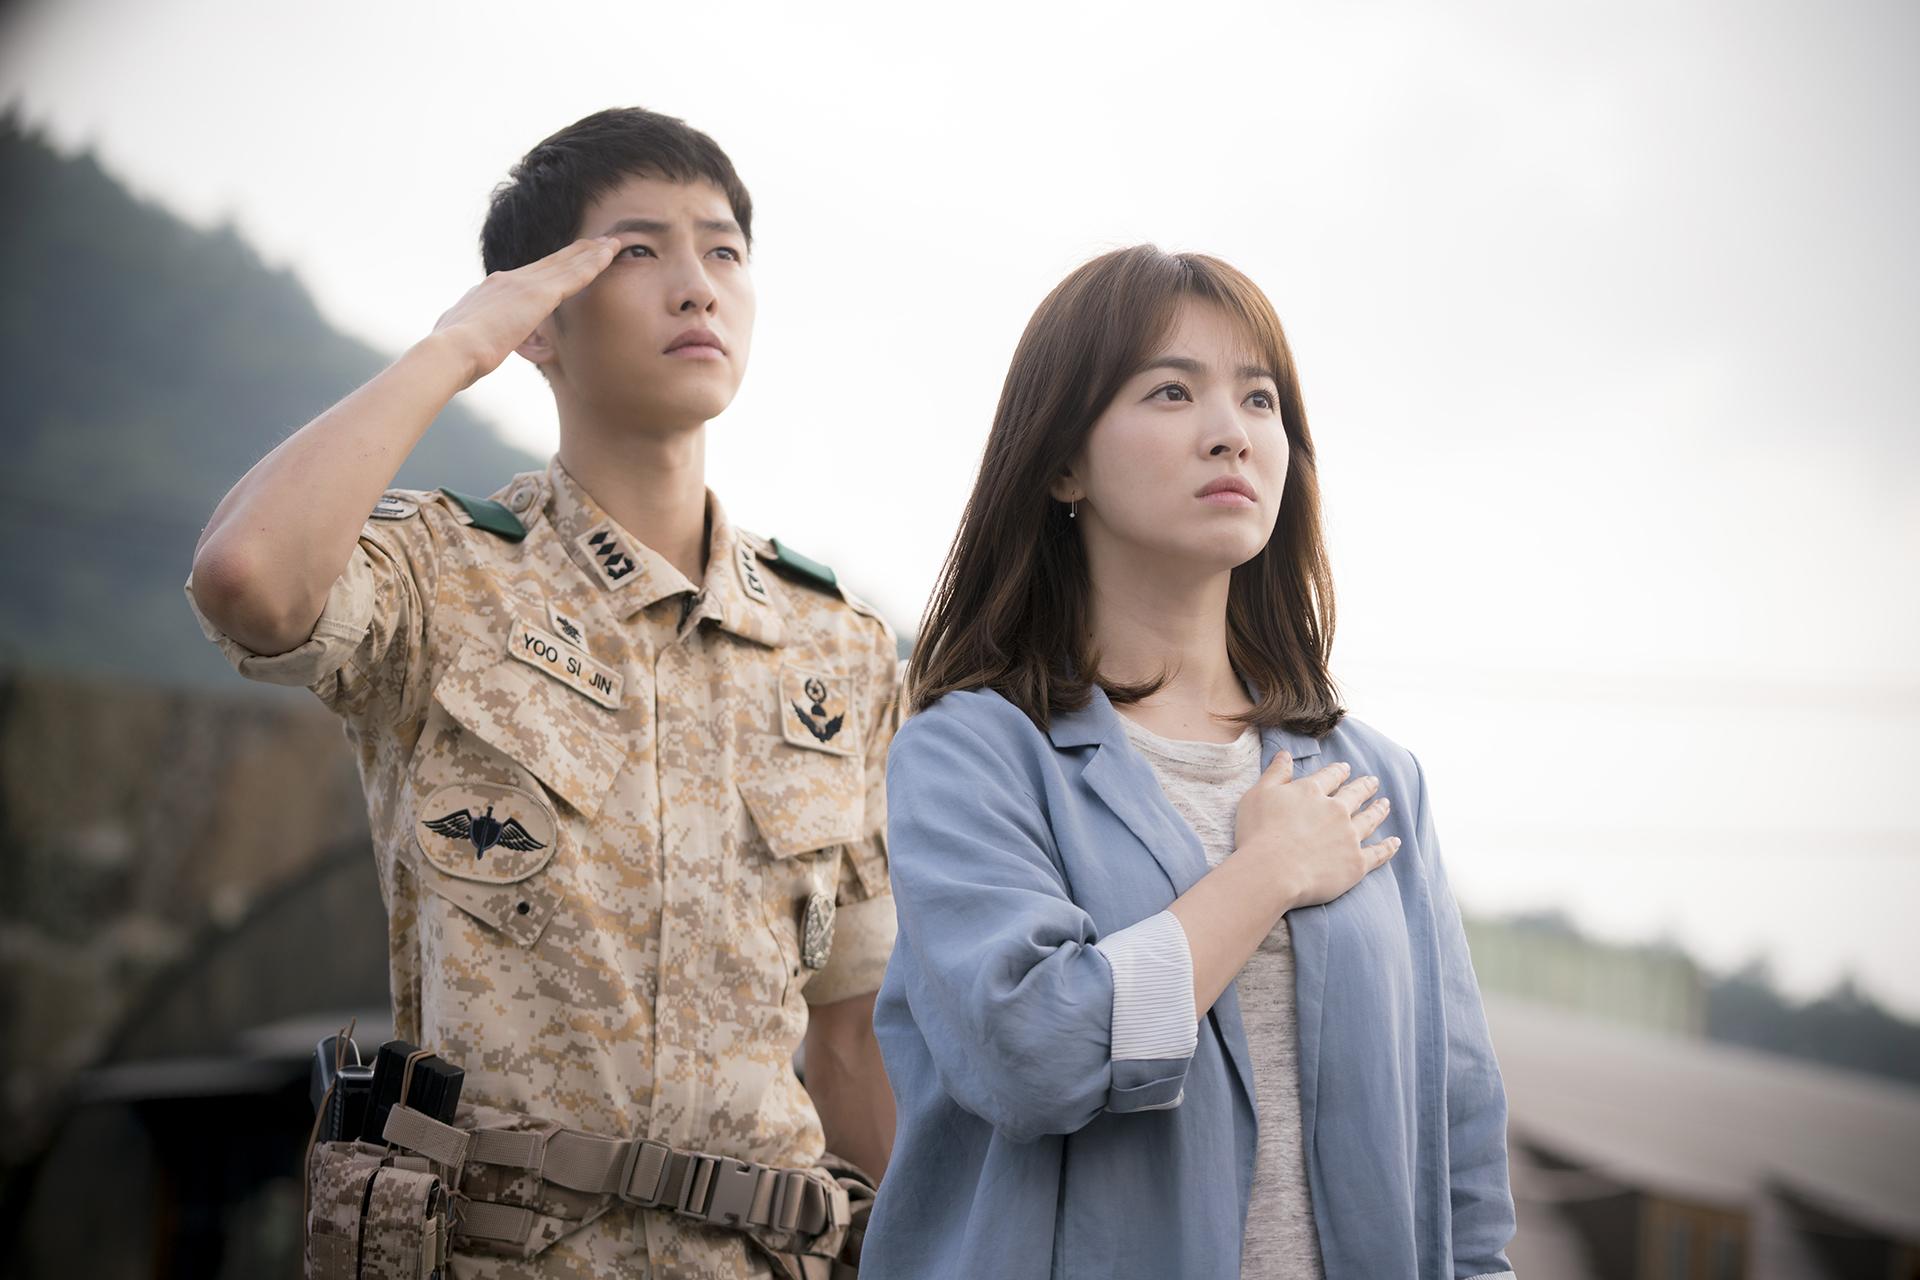 Song Joong Ki không chỉ là bạn diễn mà còn là chồng cũ của Song Hye Kyo. Hai người từng hợp tác trong siêu phẩm Hậu duệ mặt trời (Descendants of the Sun). Song Joong Ki là một trong những sao hạng A đình đám của Hàn Quốc, đóng phim nào cũng  được quan tâm đặc biệt.